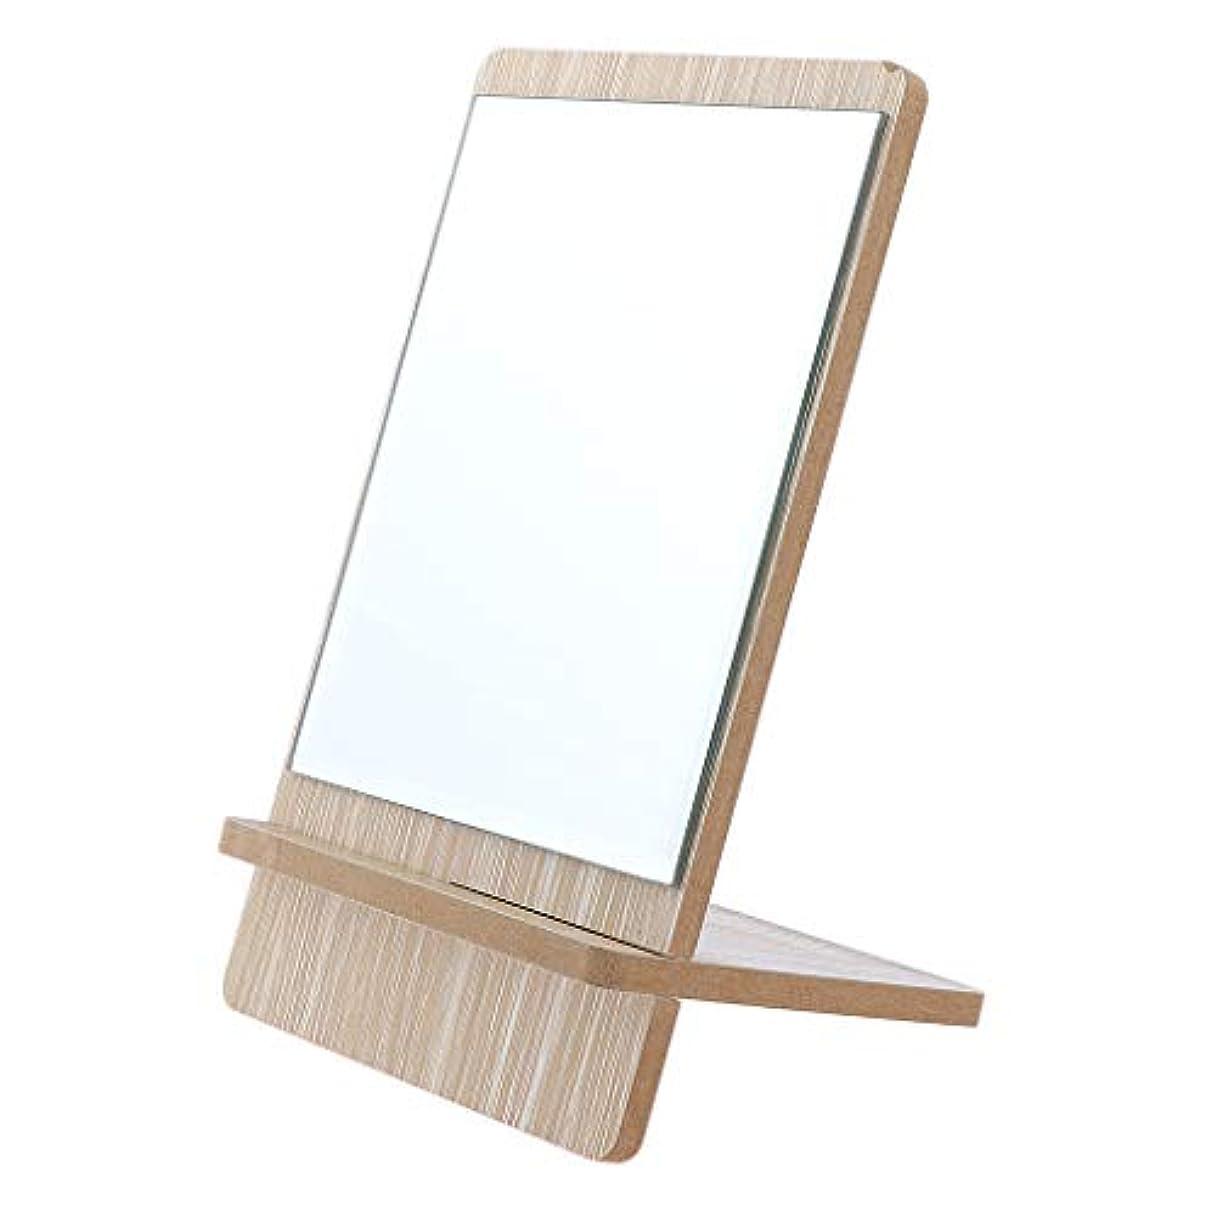 ペインギリック公園一般的に言えば化粧鏡 スタンド 卓上 メイクアップミラー 立てミラー バニティミラー 折りたたみ 3サイズ選べ - 大